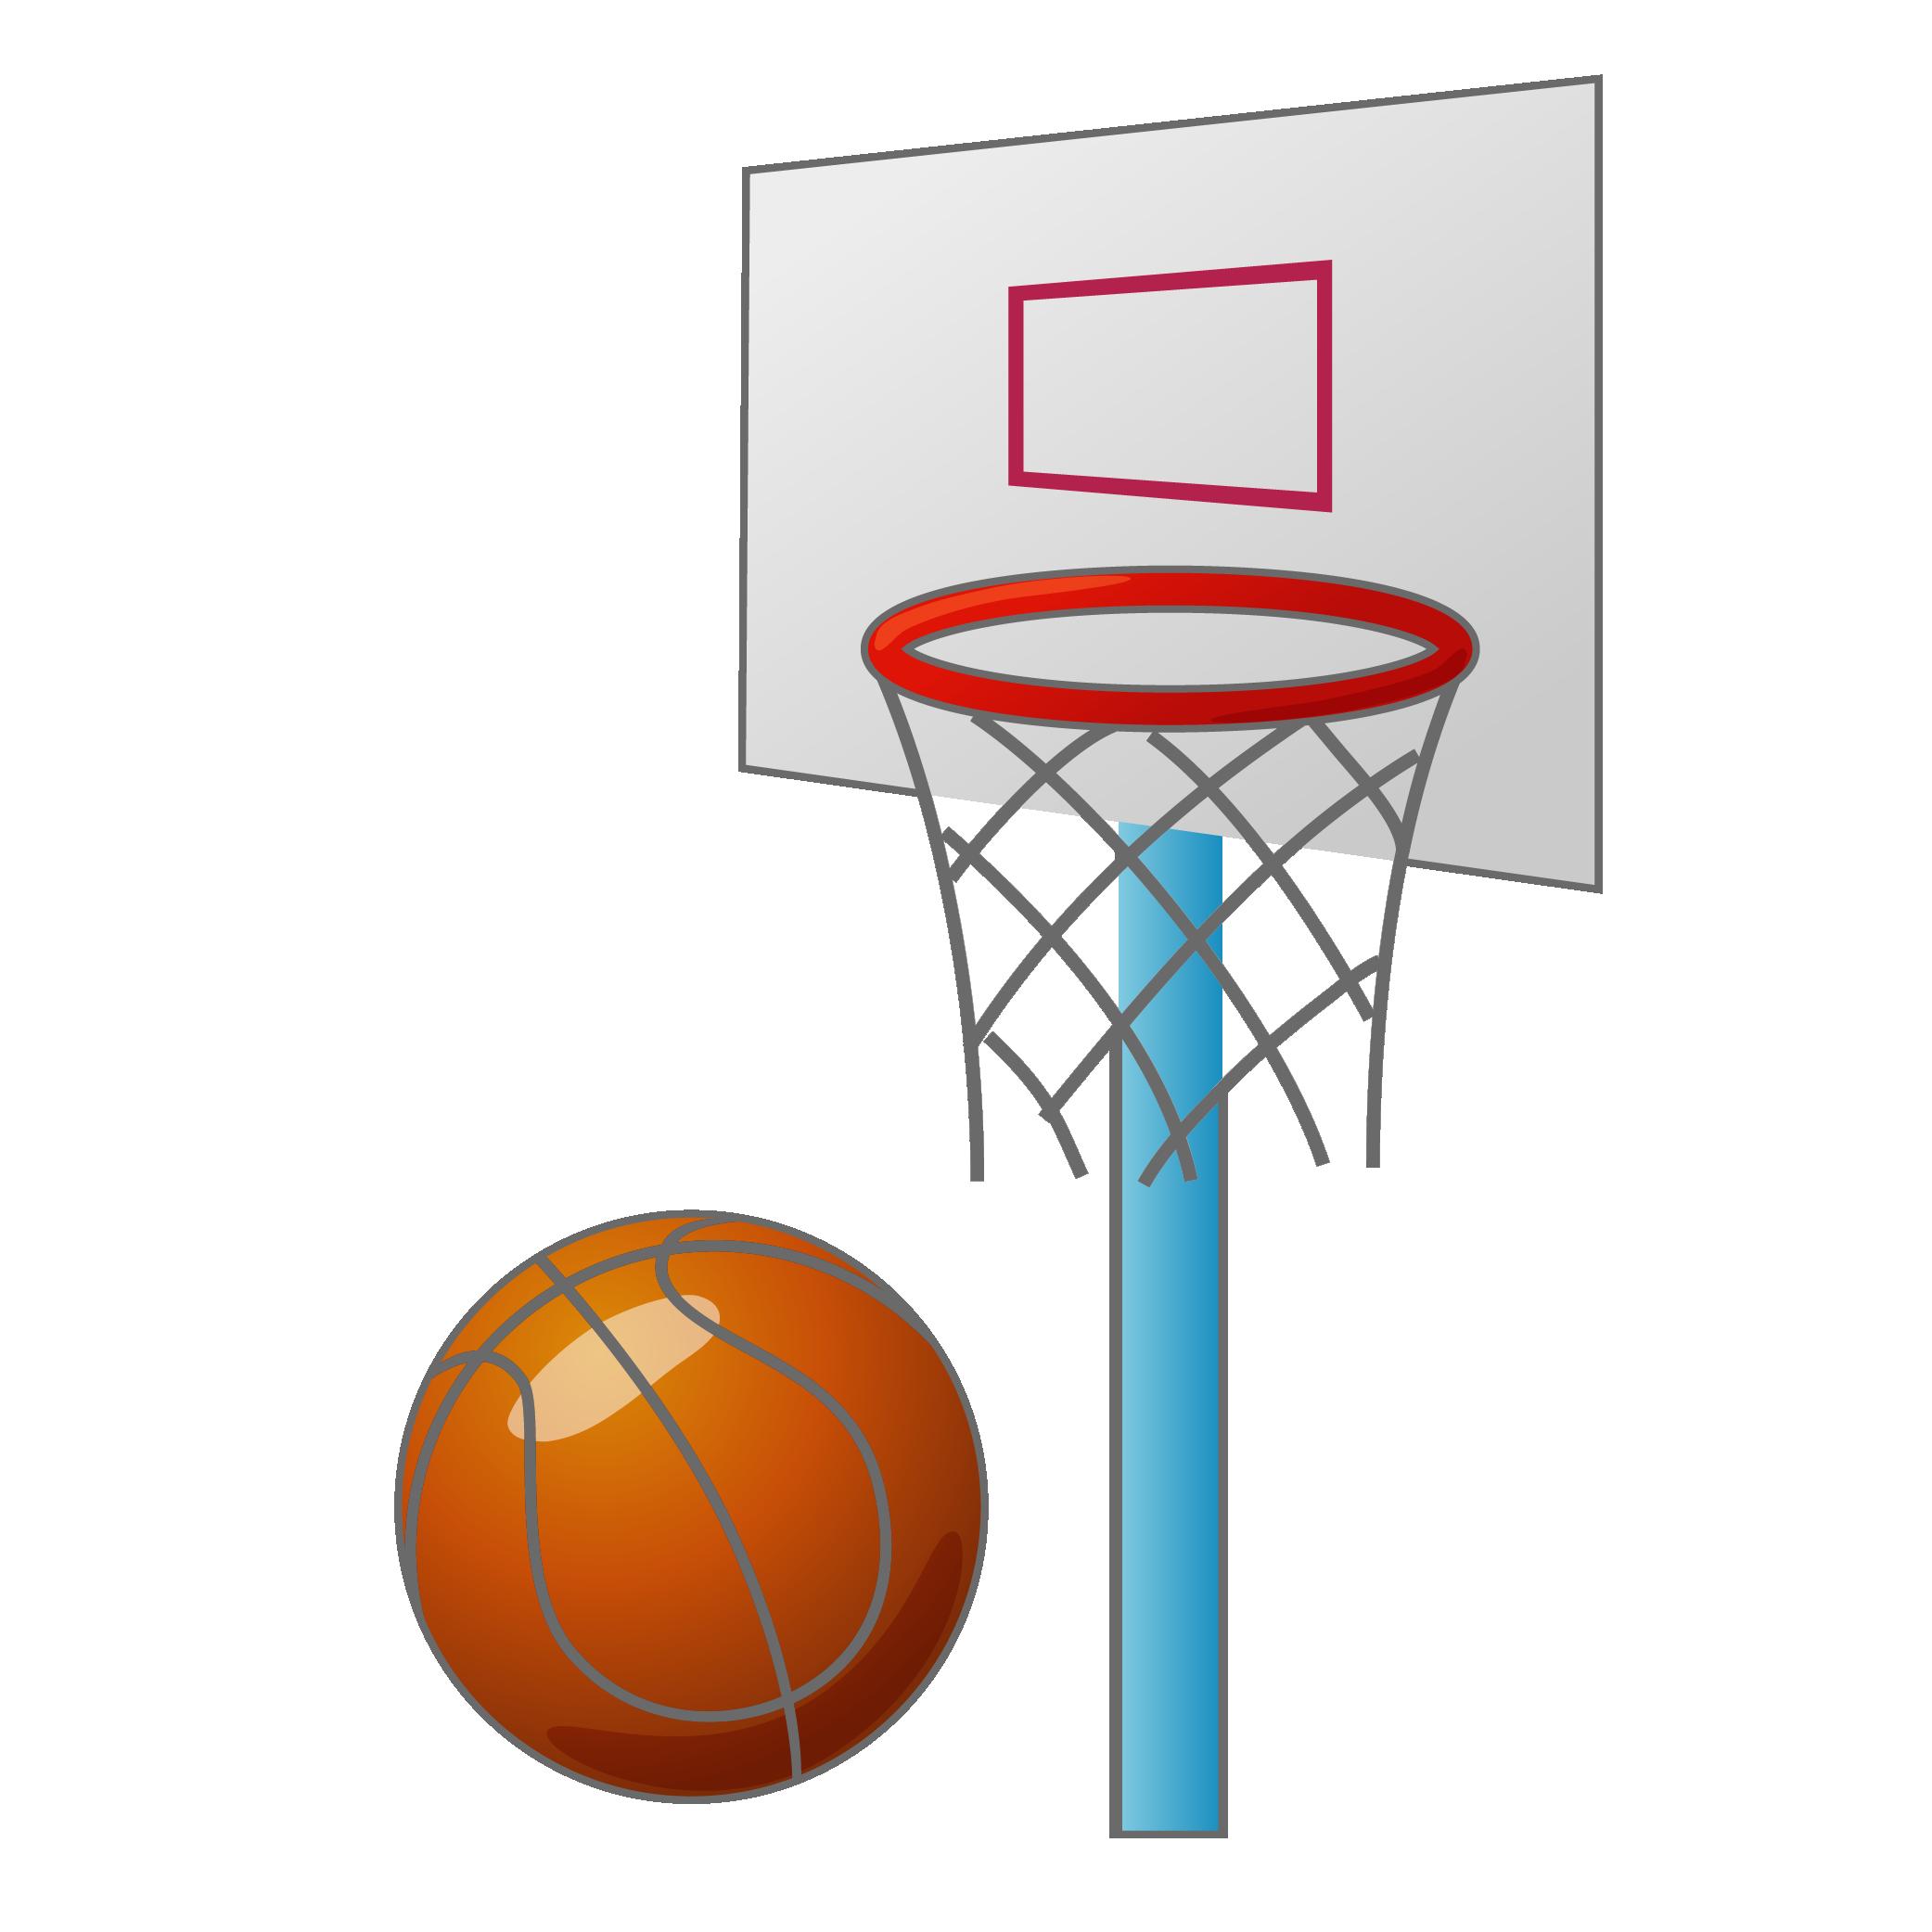 2083x2083 Cartoon Basketball Backboard Basketball Court